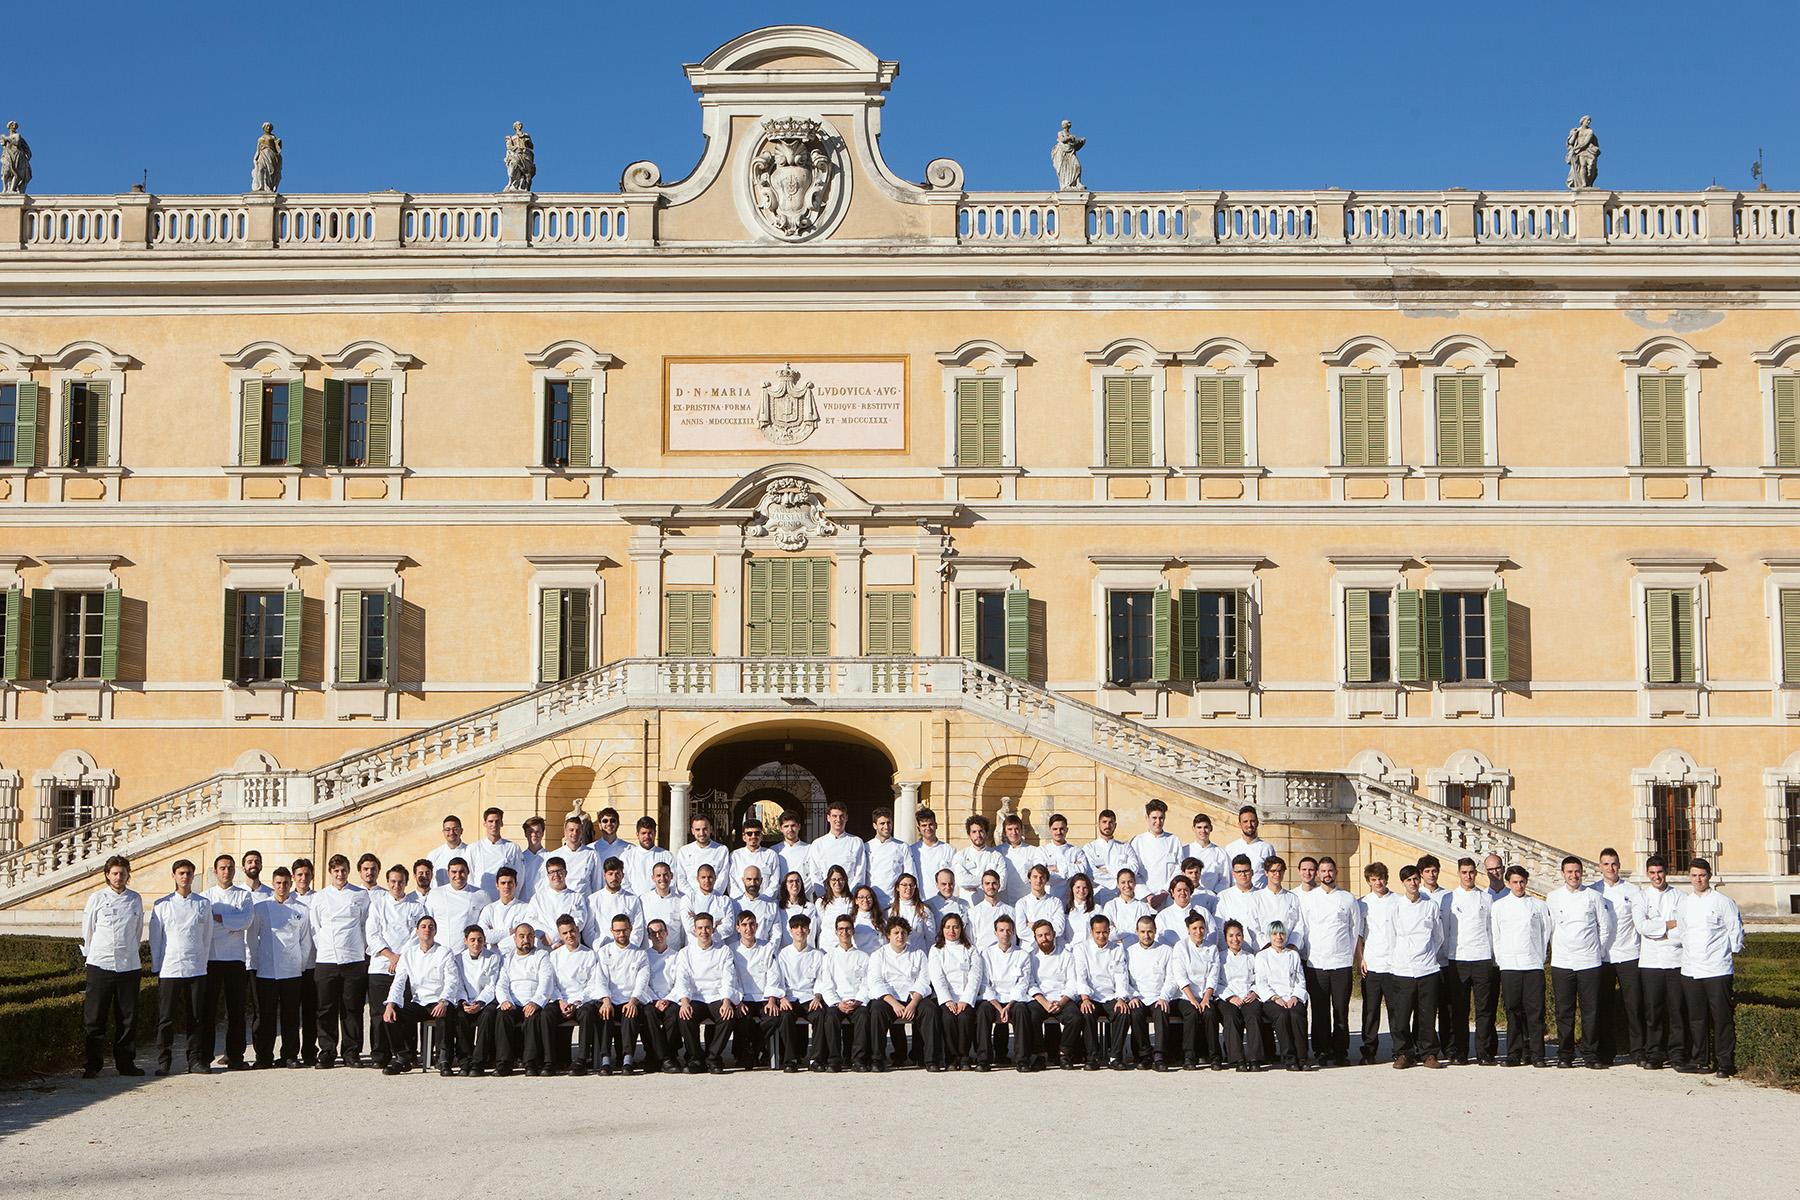 Alma nuova edizione del corso superiore di cucina italiana al via